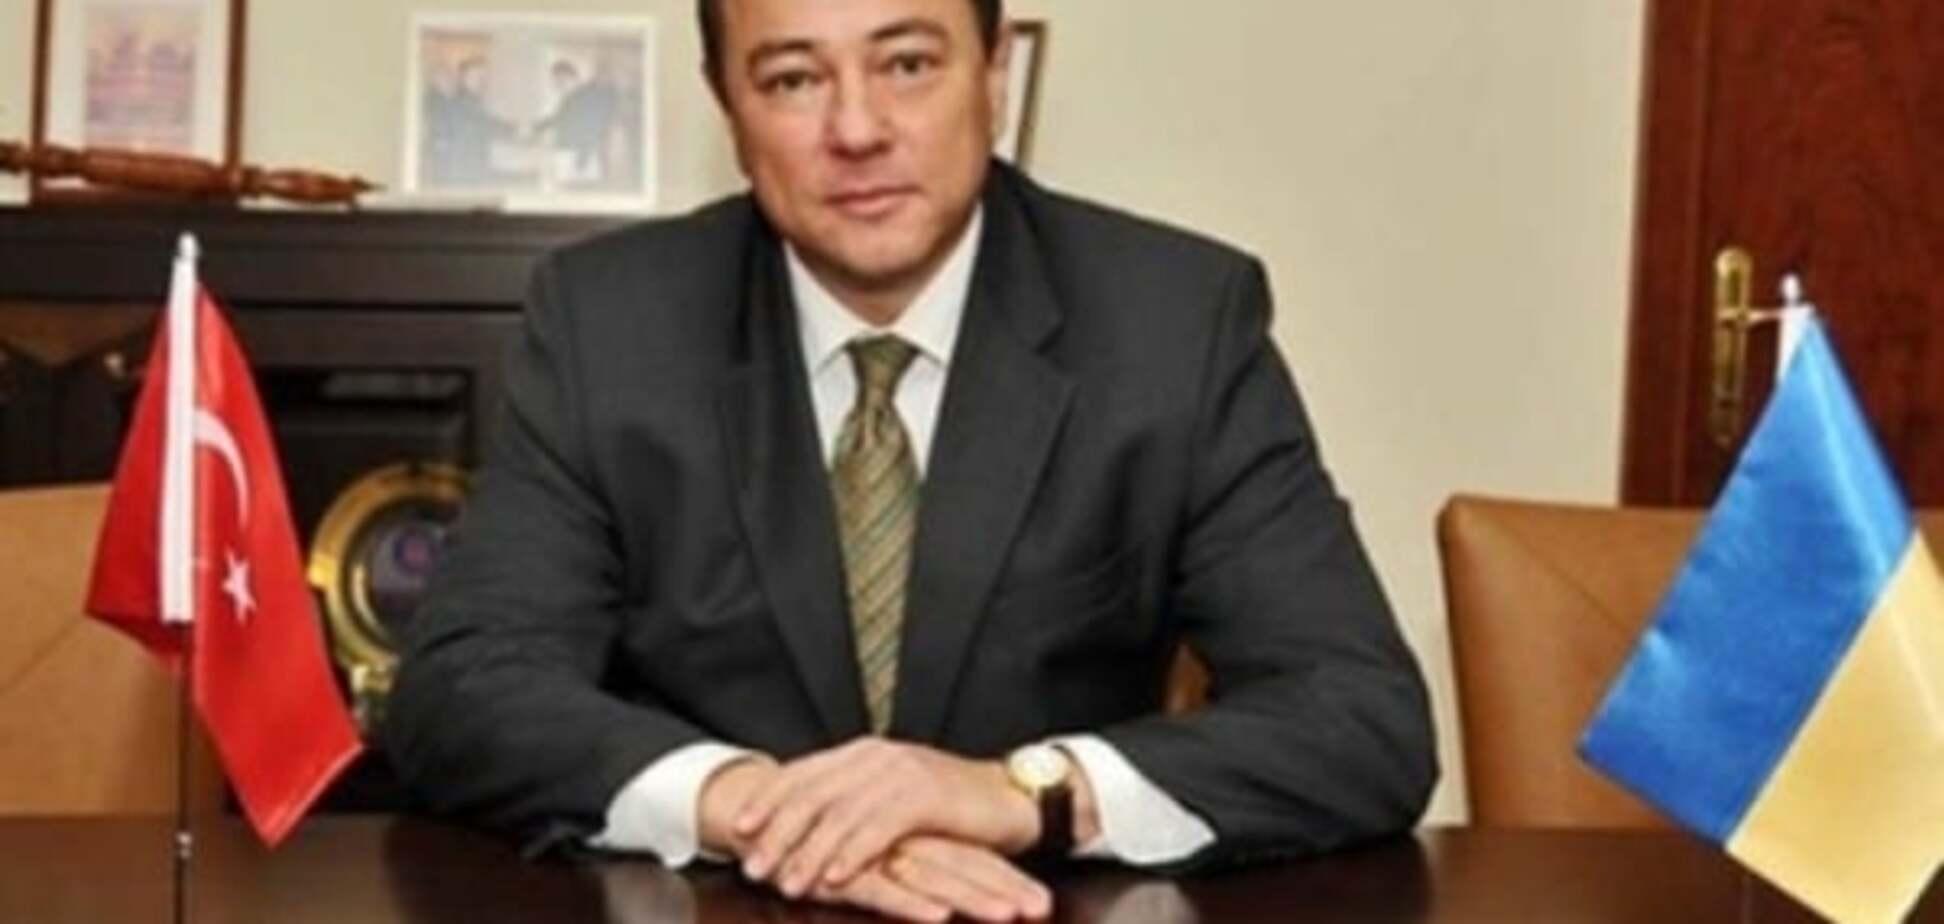 В ближайшие часы узнаем: посол Украины пока не знает, кто контролирует власть в Турции